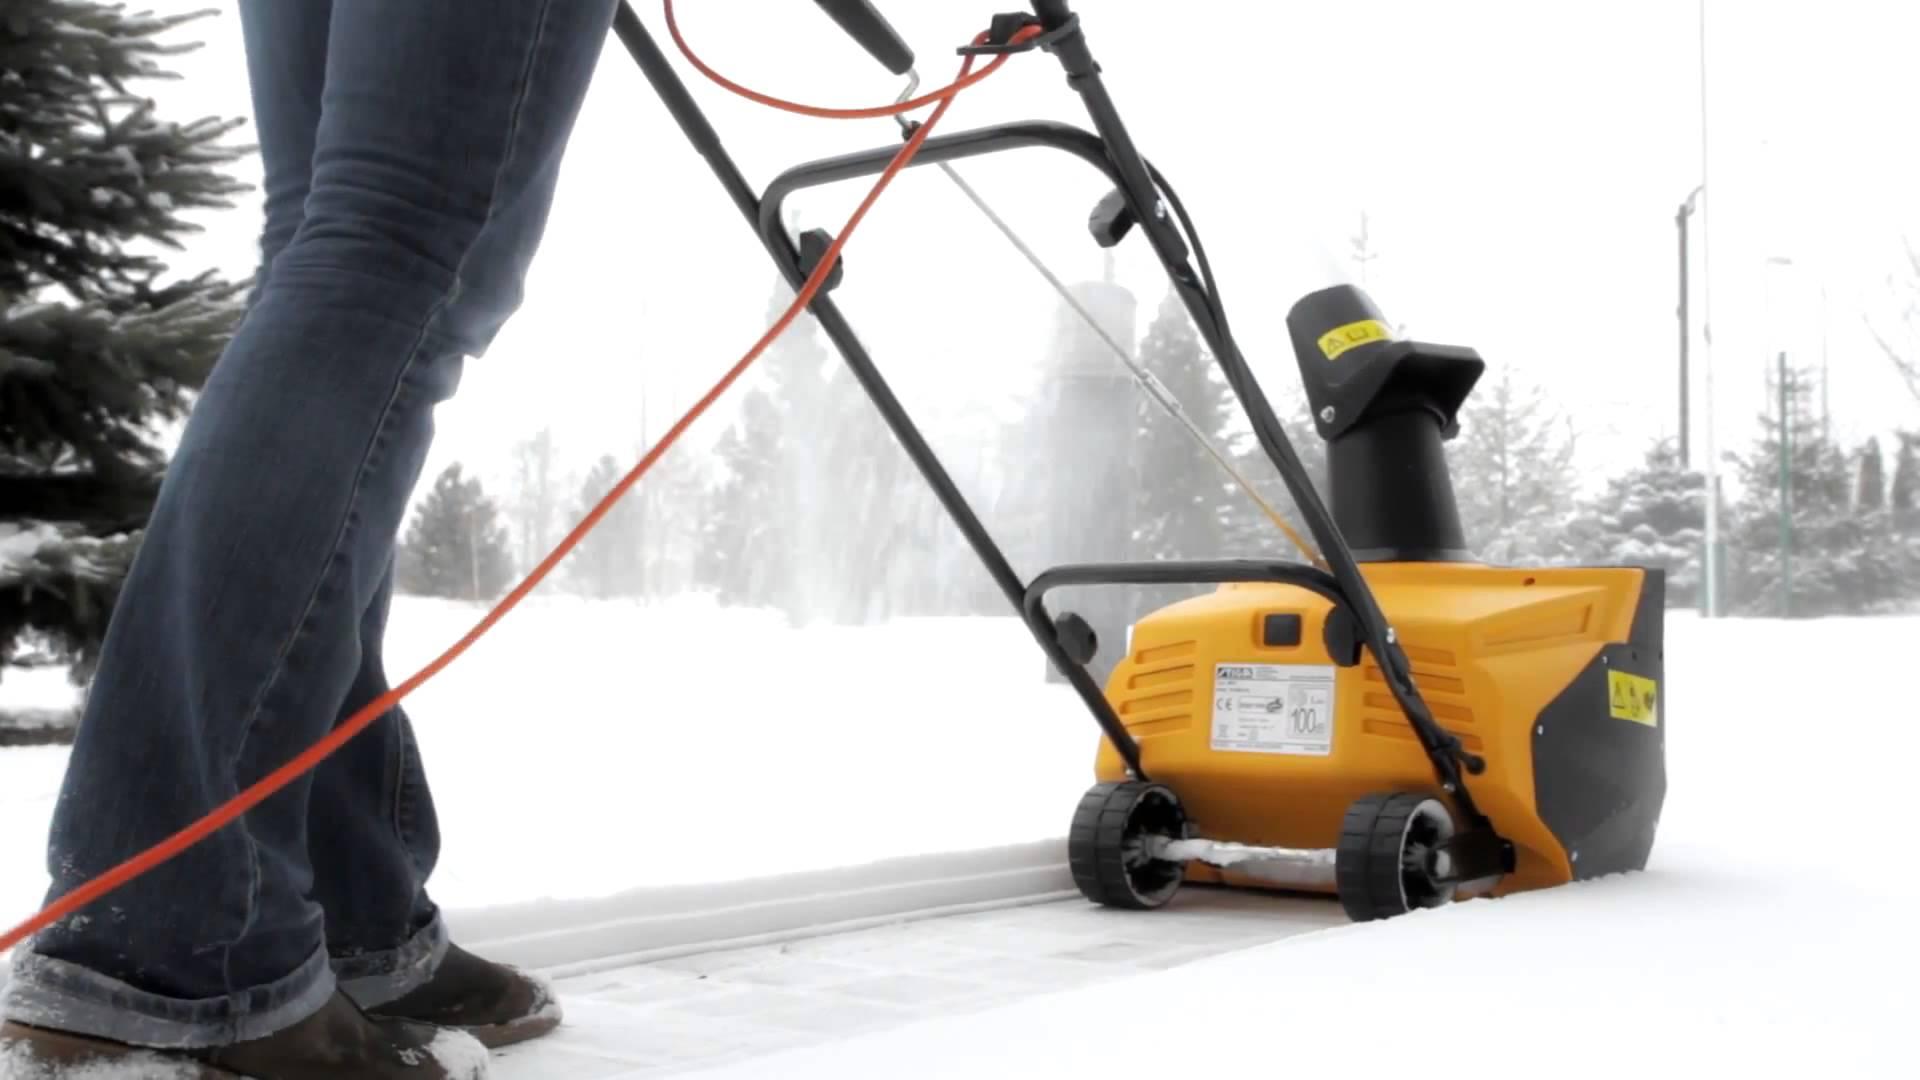 Большая лопата для уборки снега своими руками фото 356